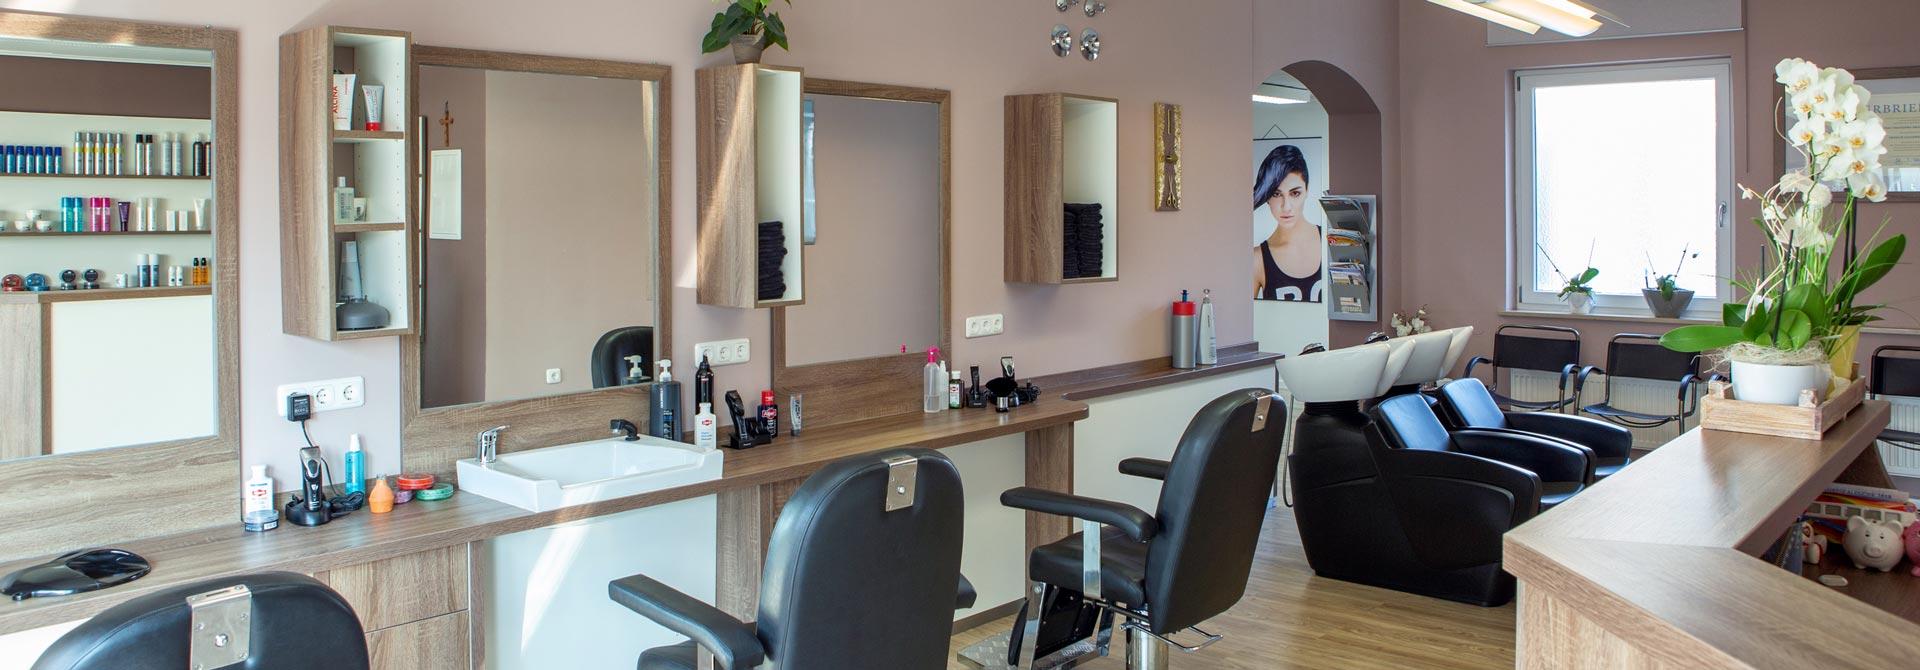 Friseursalon Haarwerk in Landshut